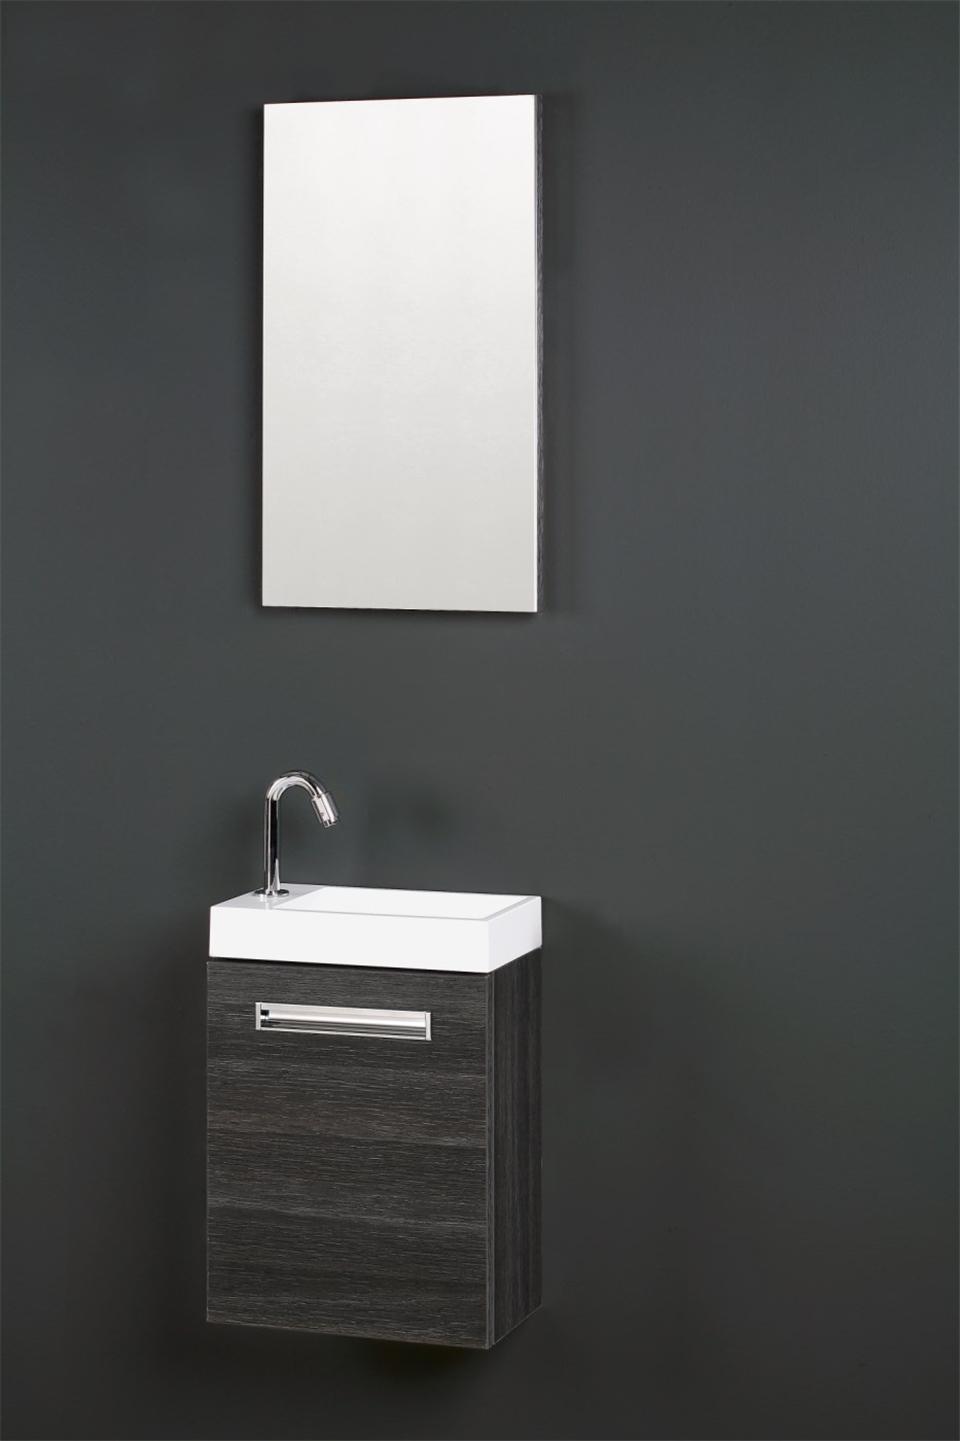 Thebalux toiletmeubel met wastafel global product in for Spiegel voor in de wc